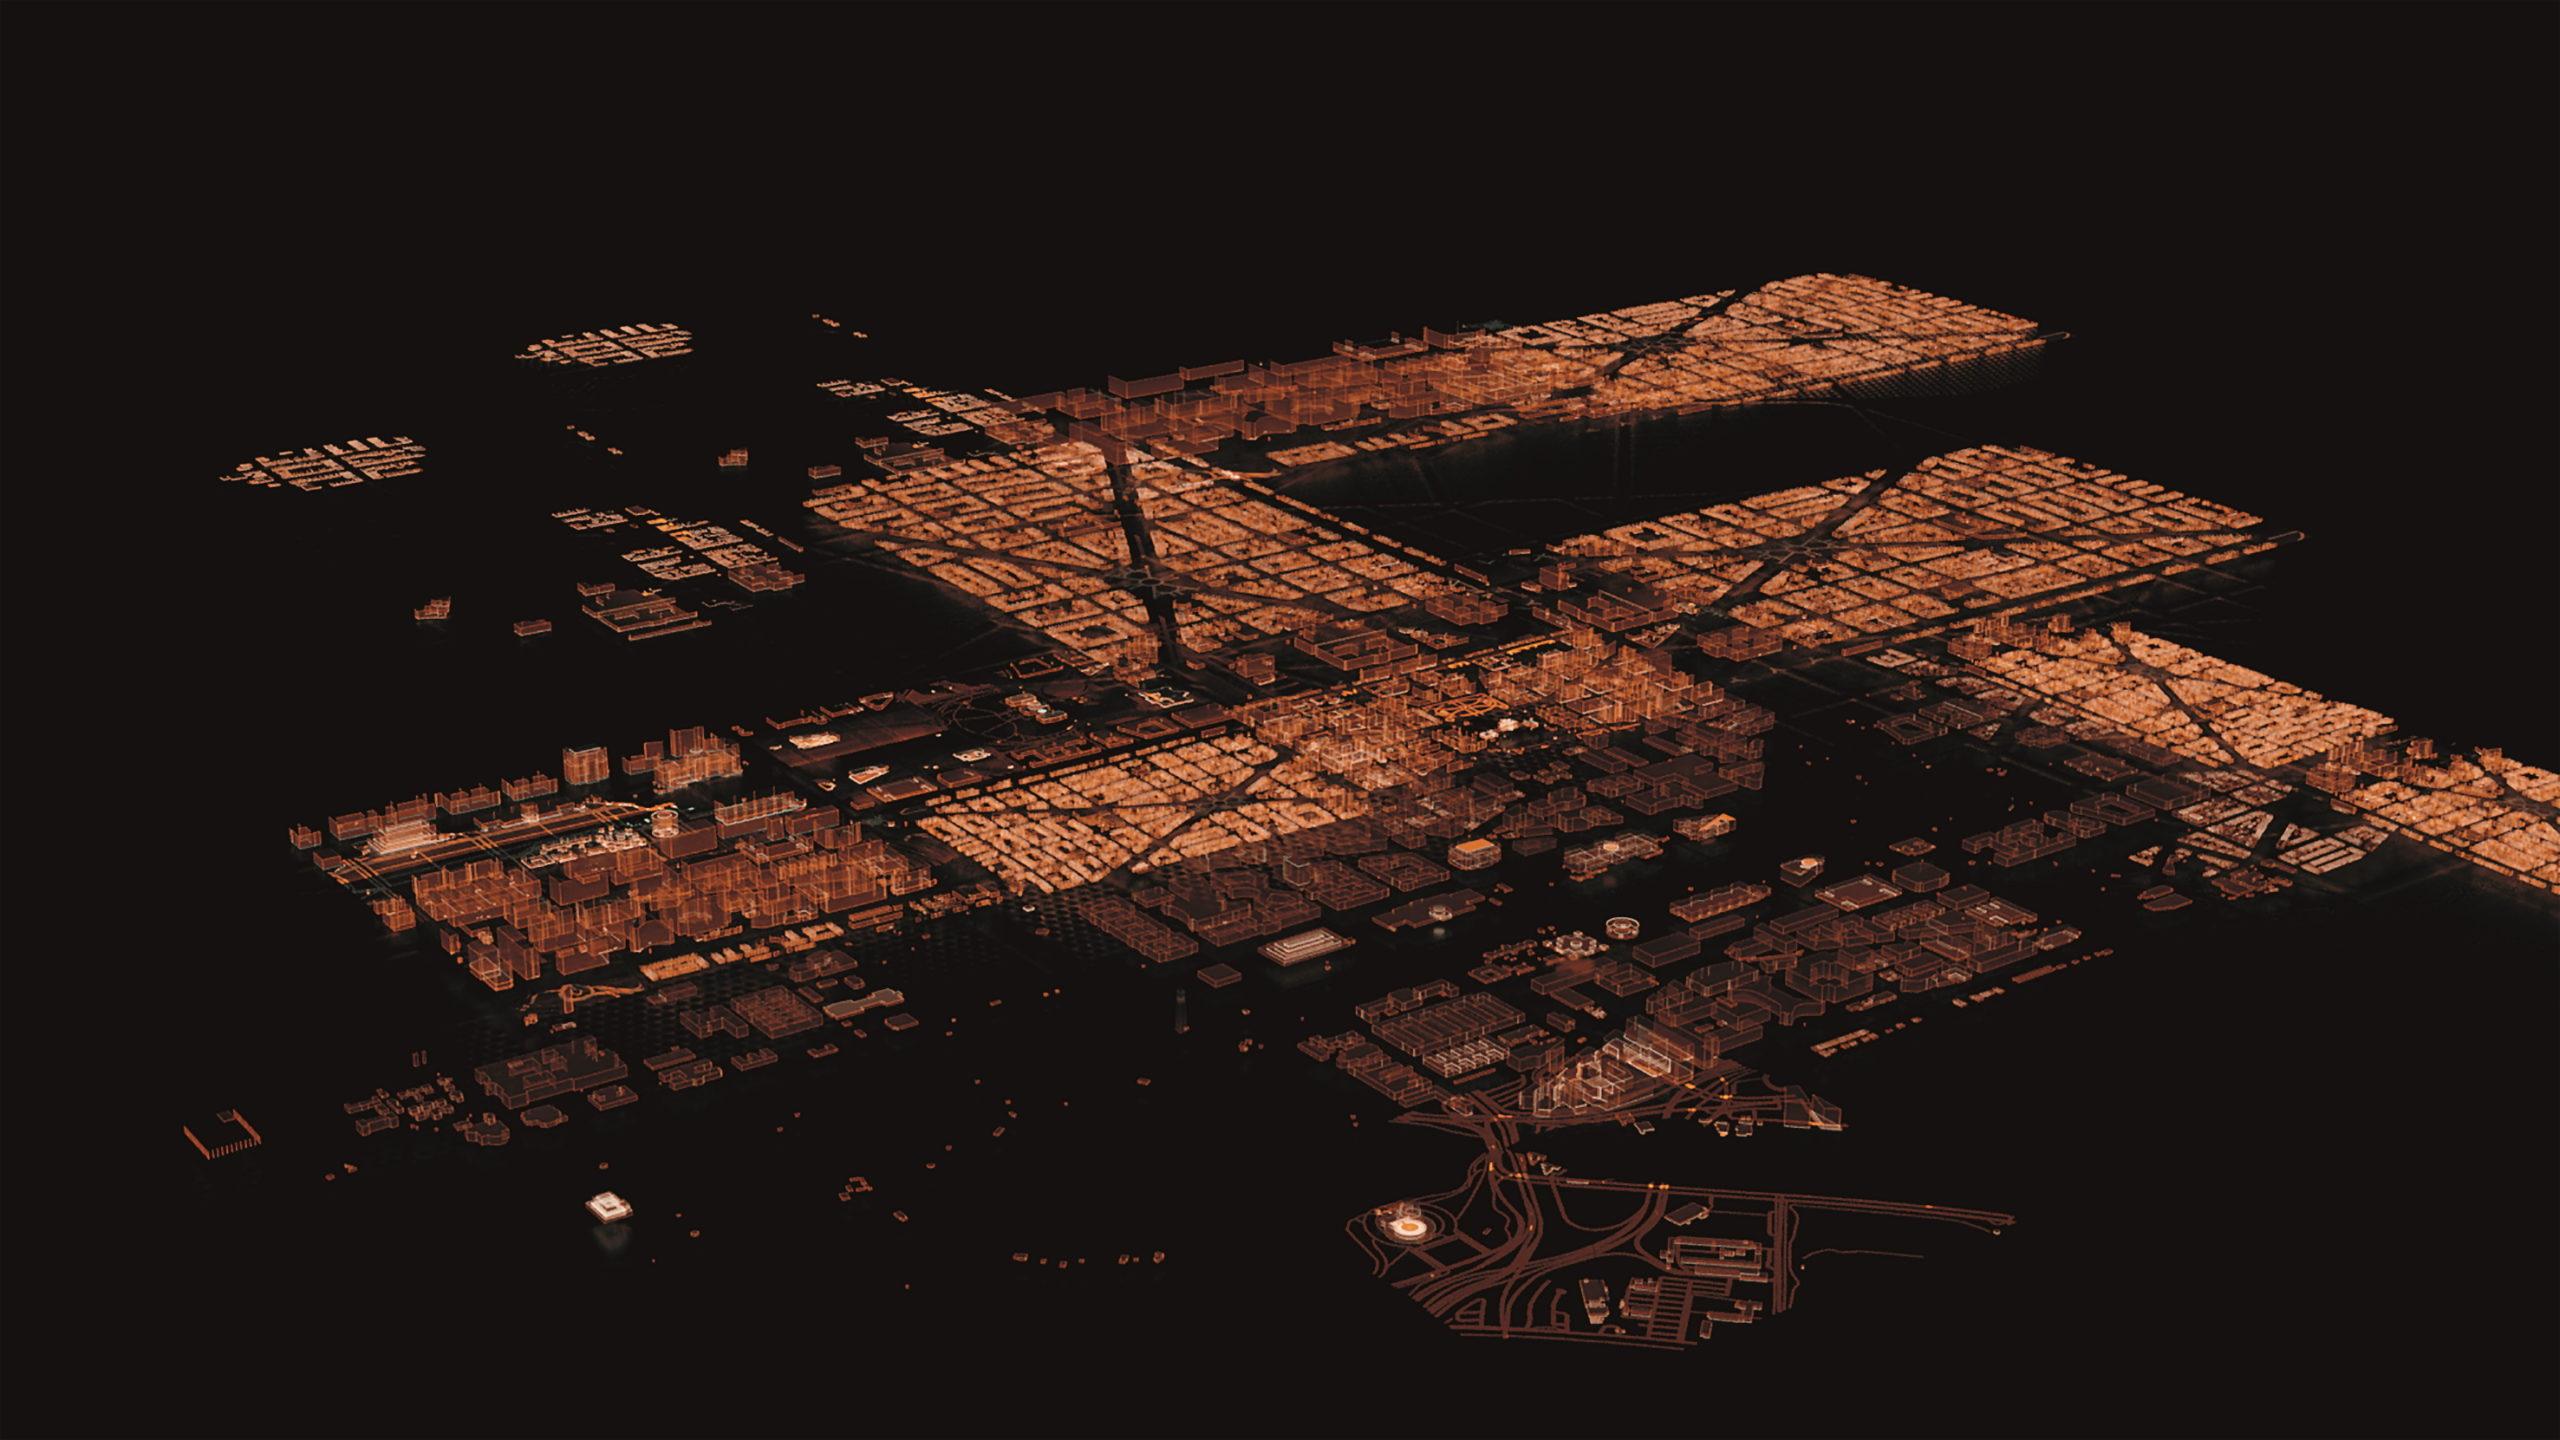 Washington aus der Luftansicht